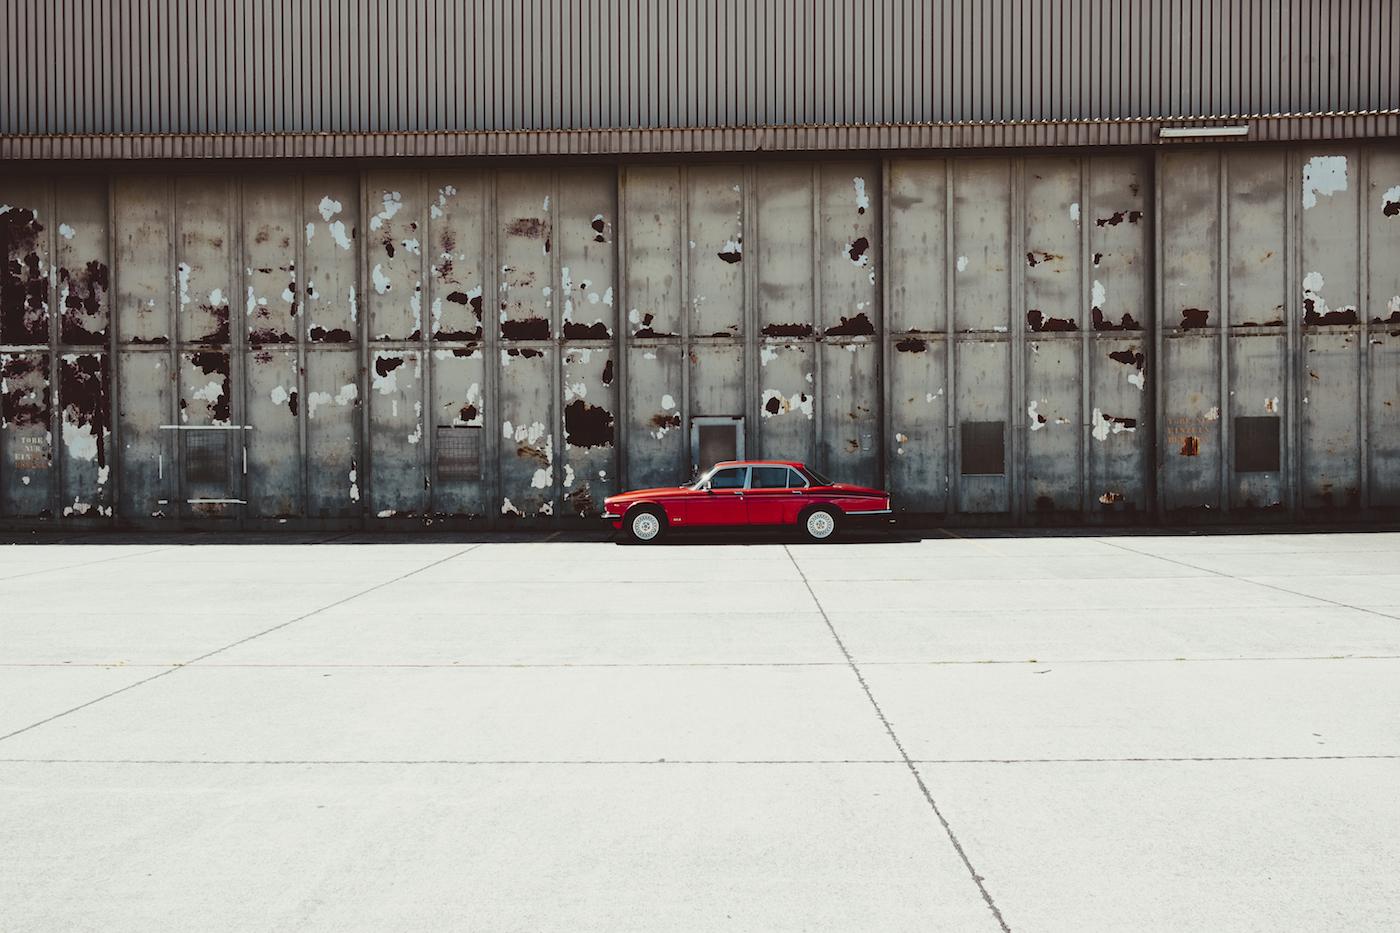 Königlich ausgestattet: 50 Jahre Jaguar XJ 13